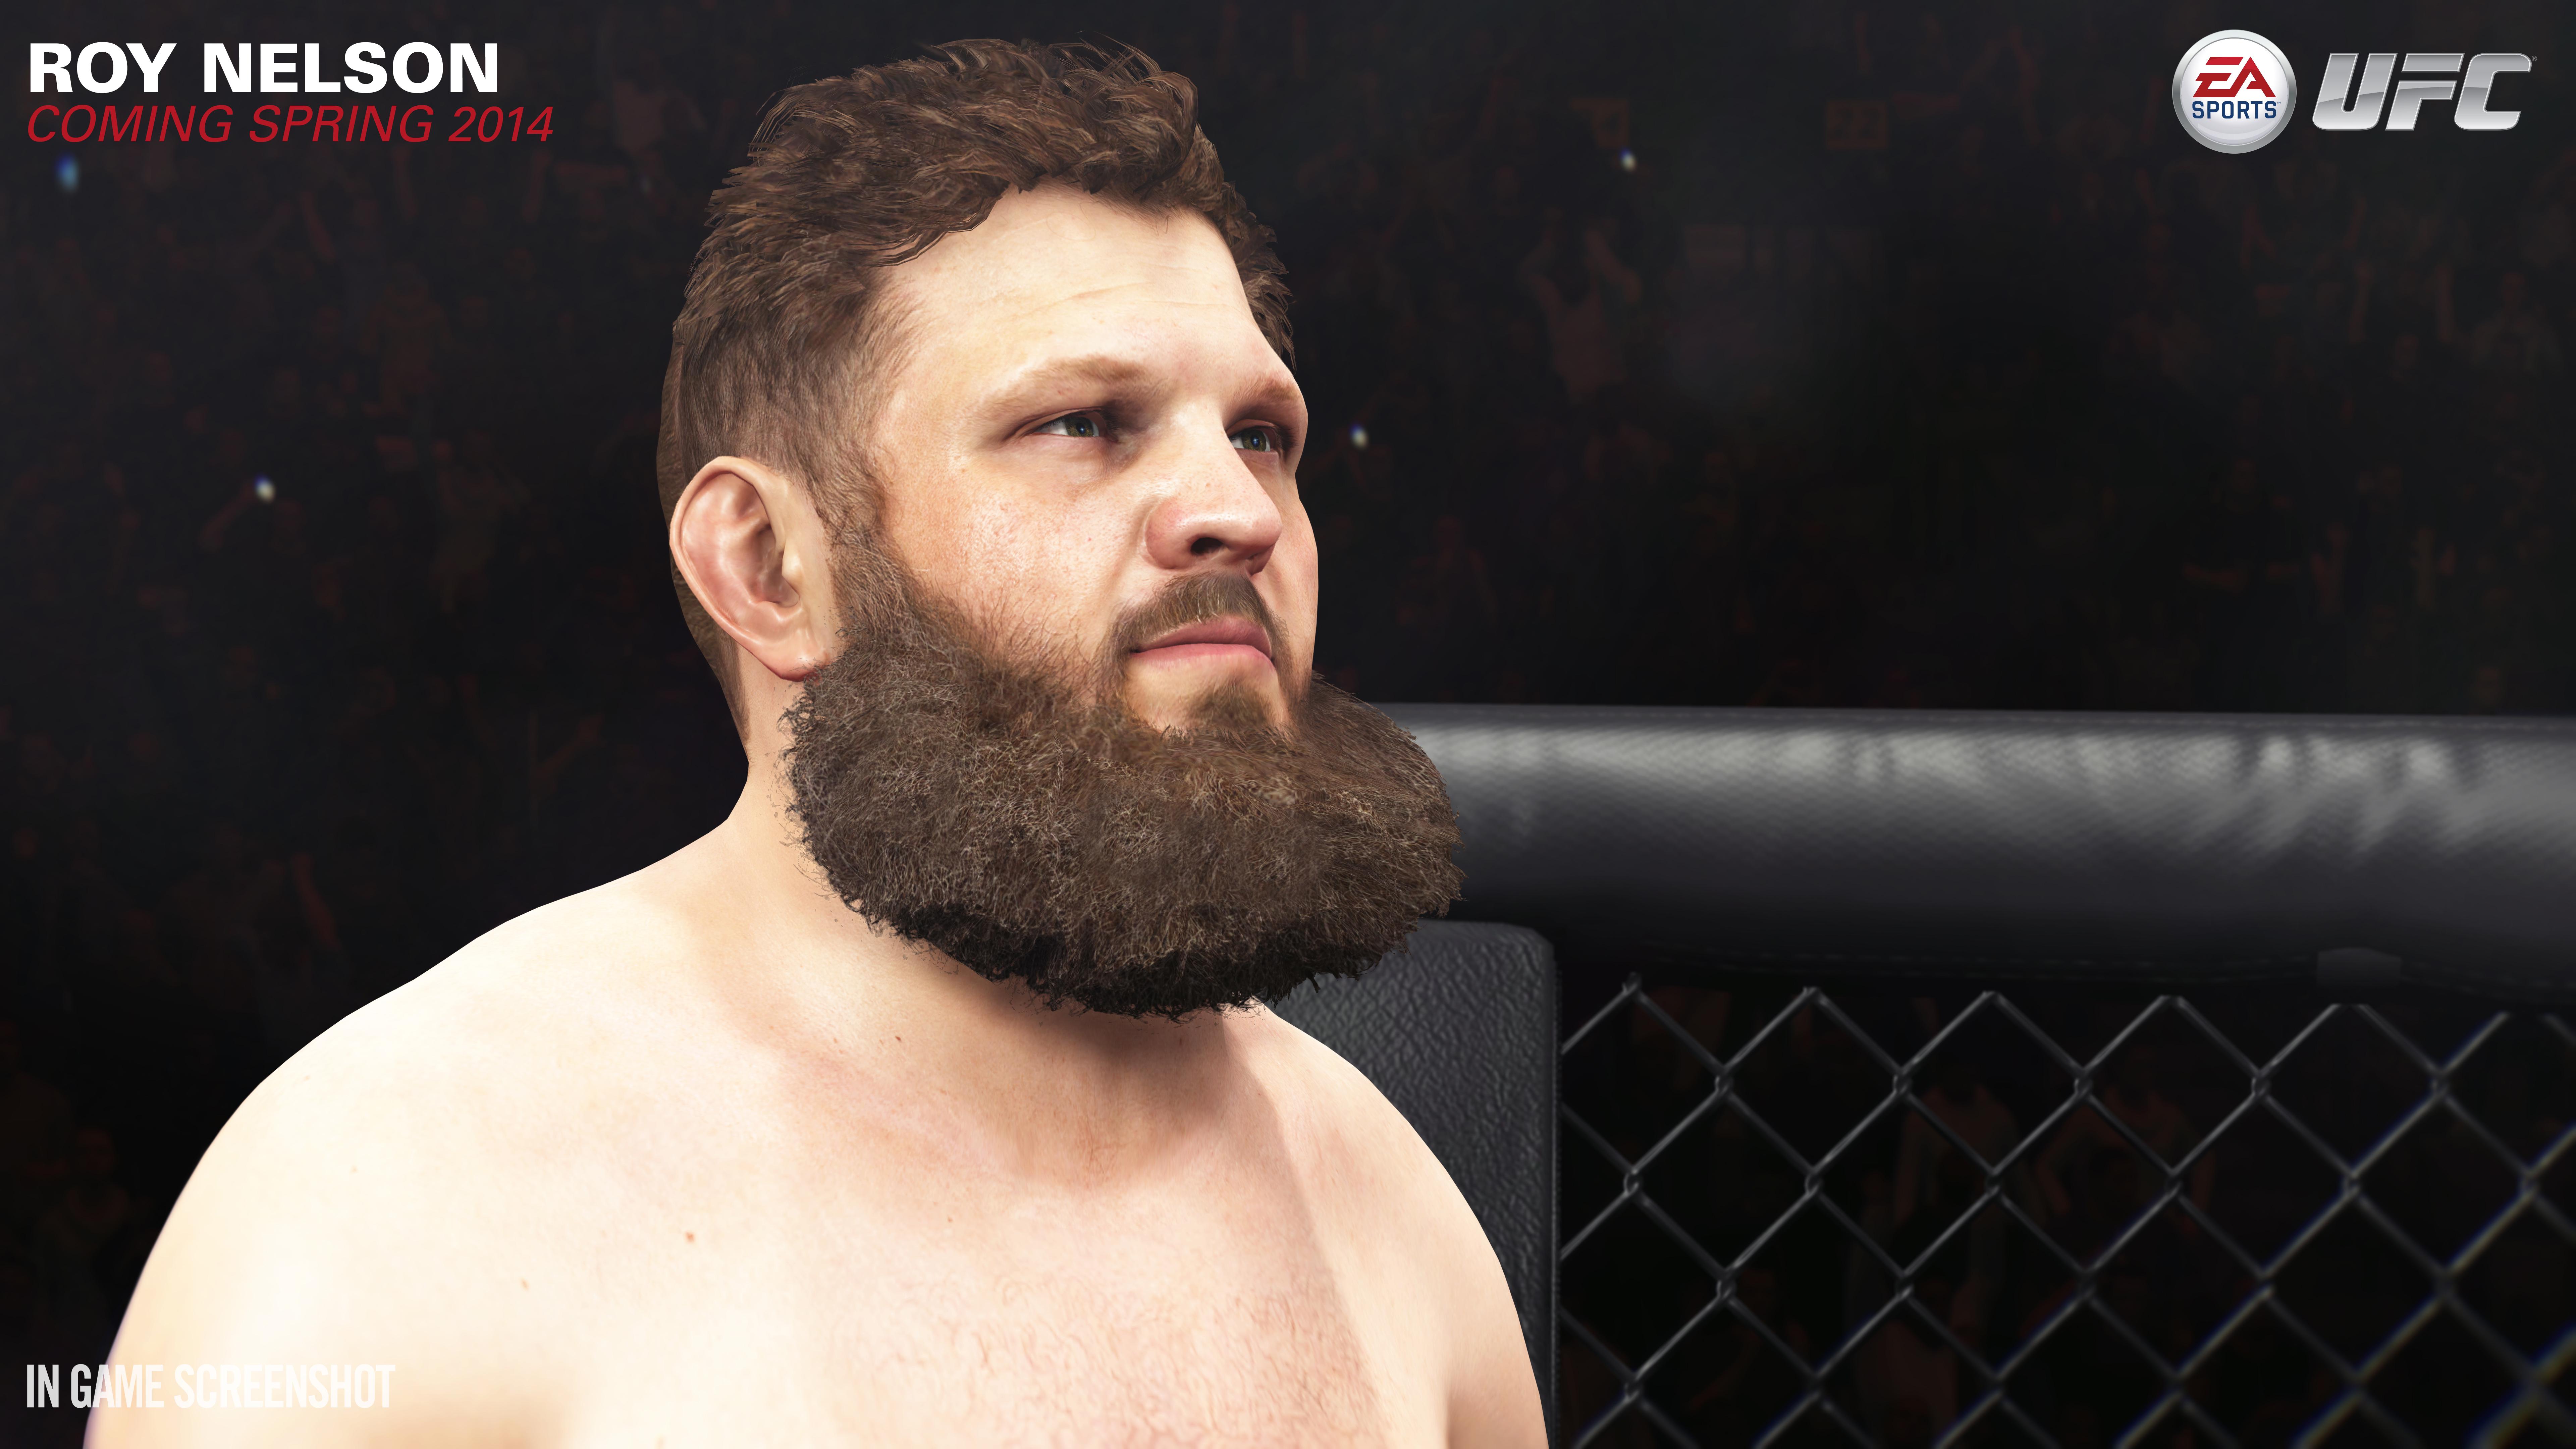 Рой Нельсон - EA Sports UFC 8K